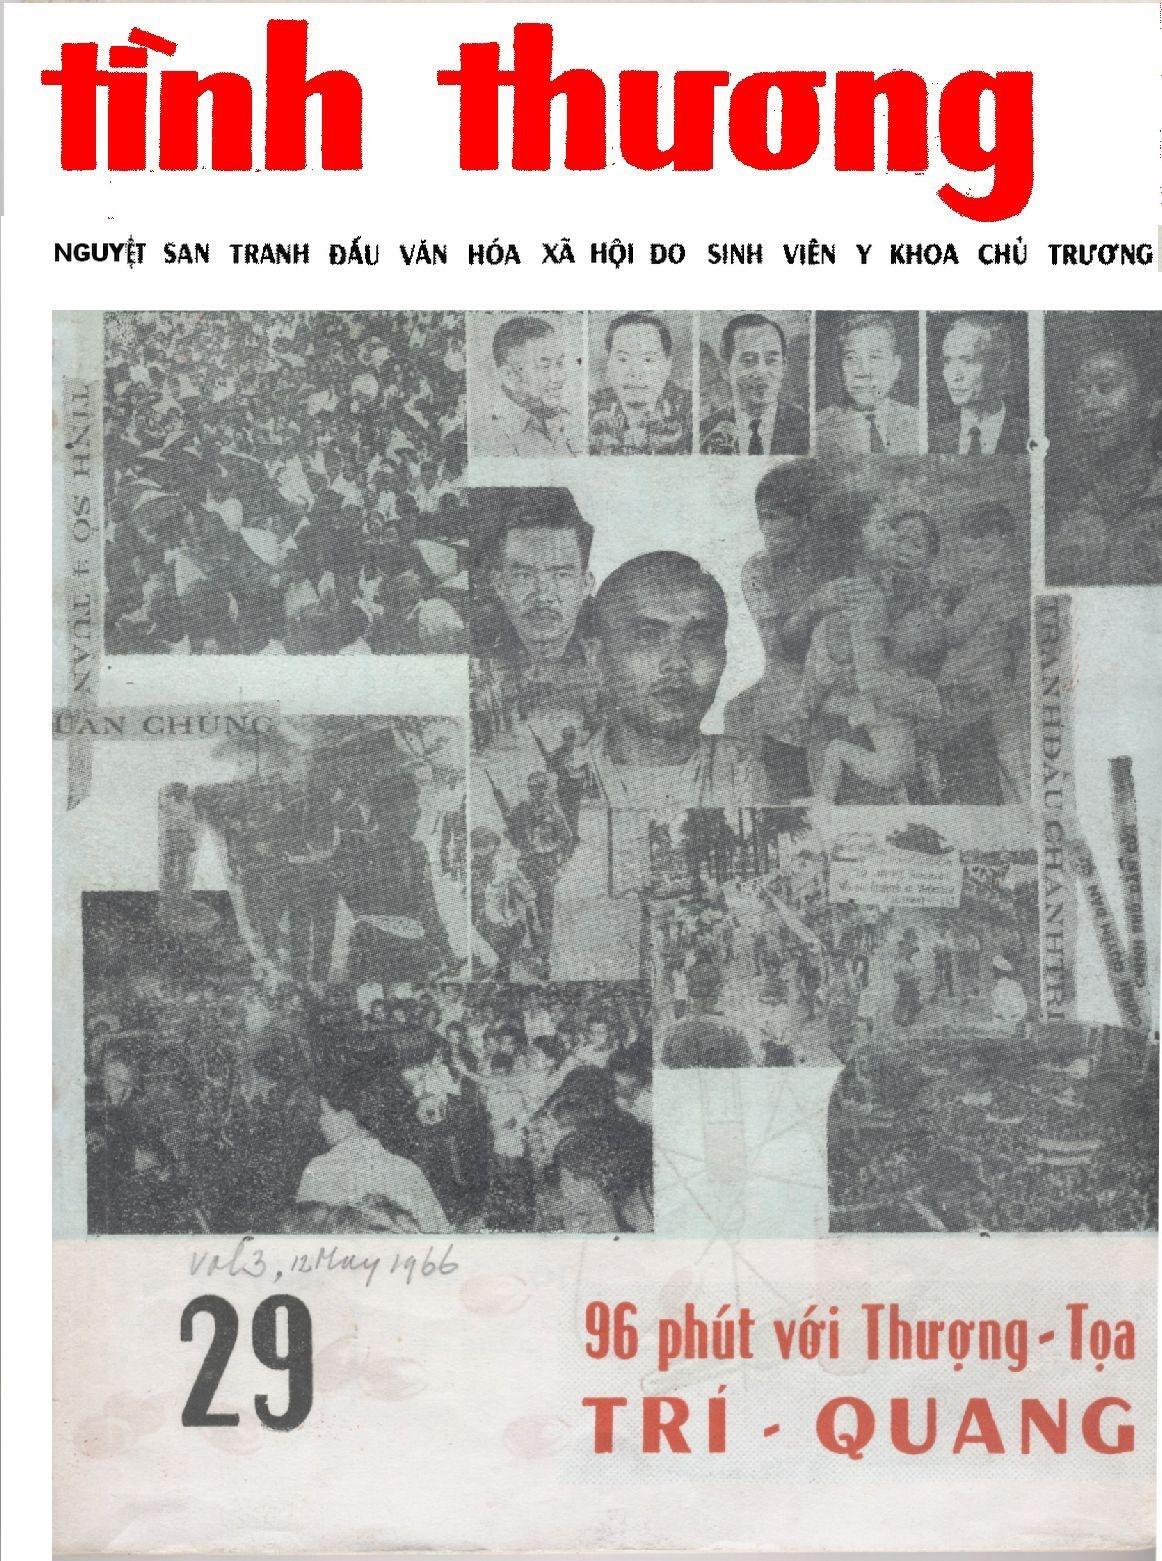 tinh thuong so 29